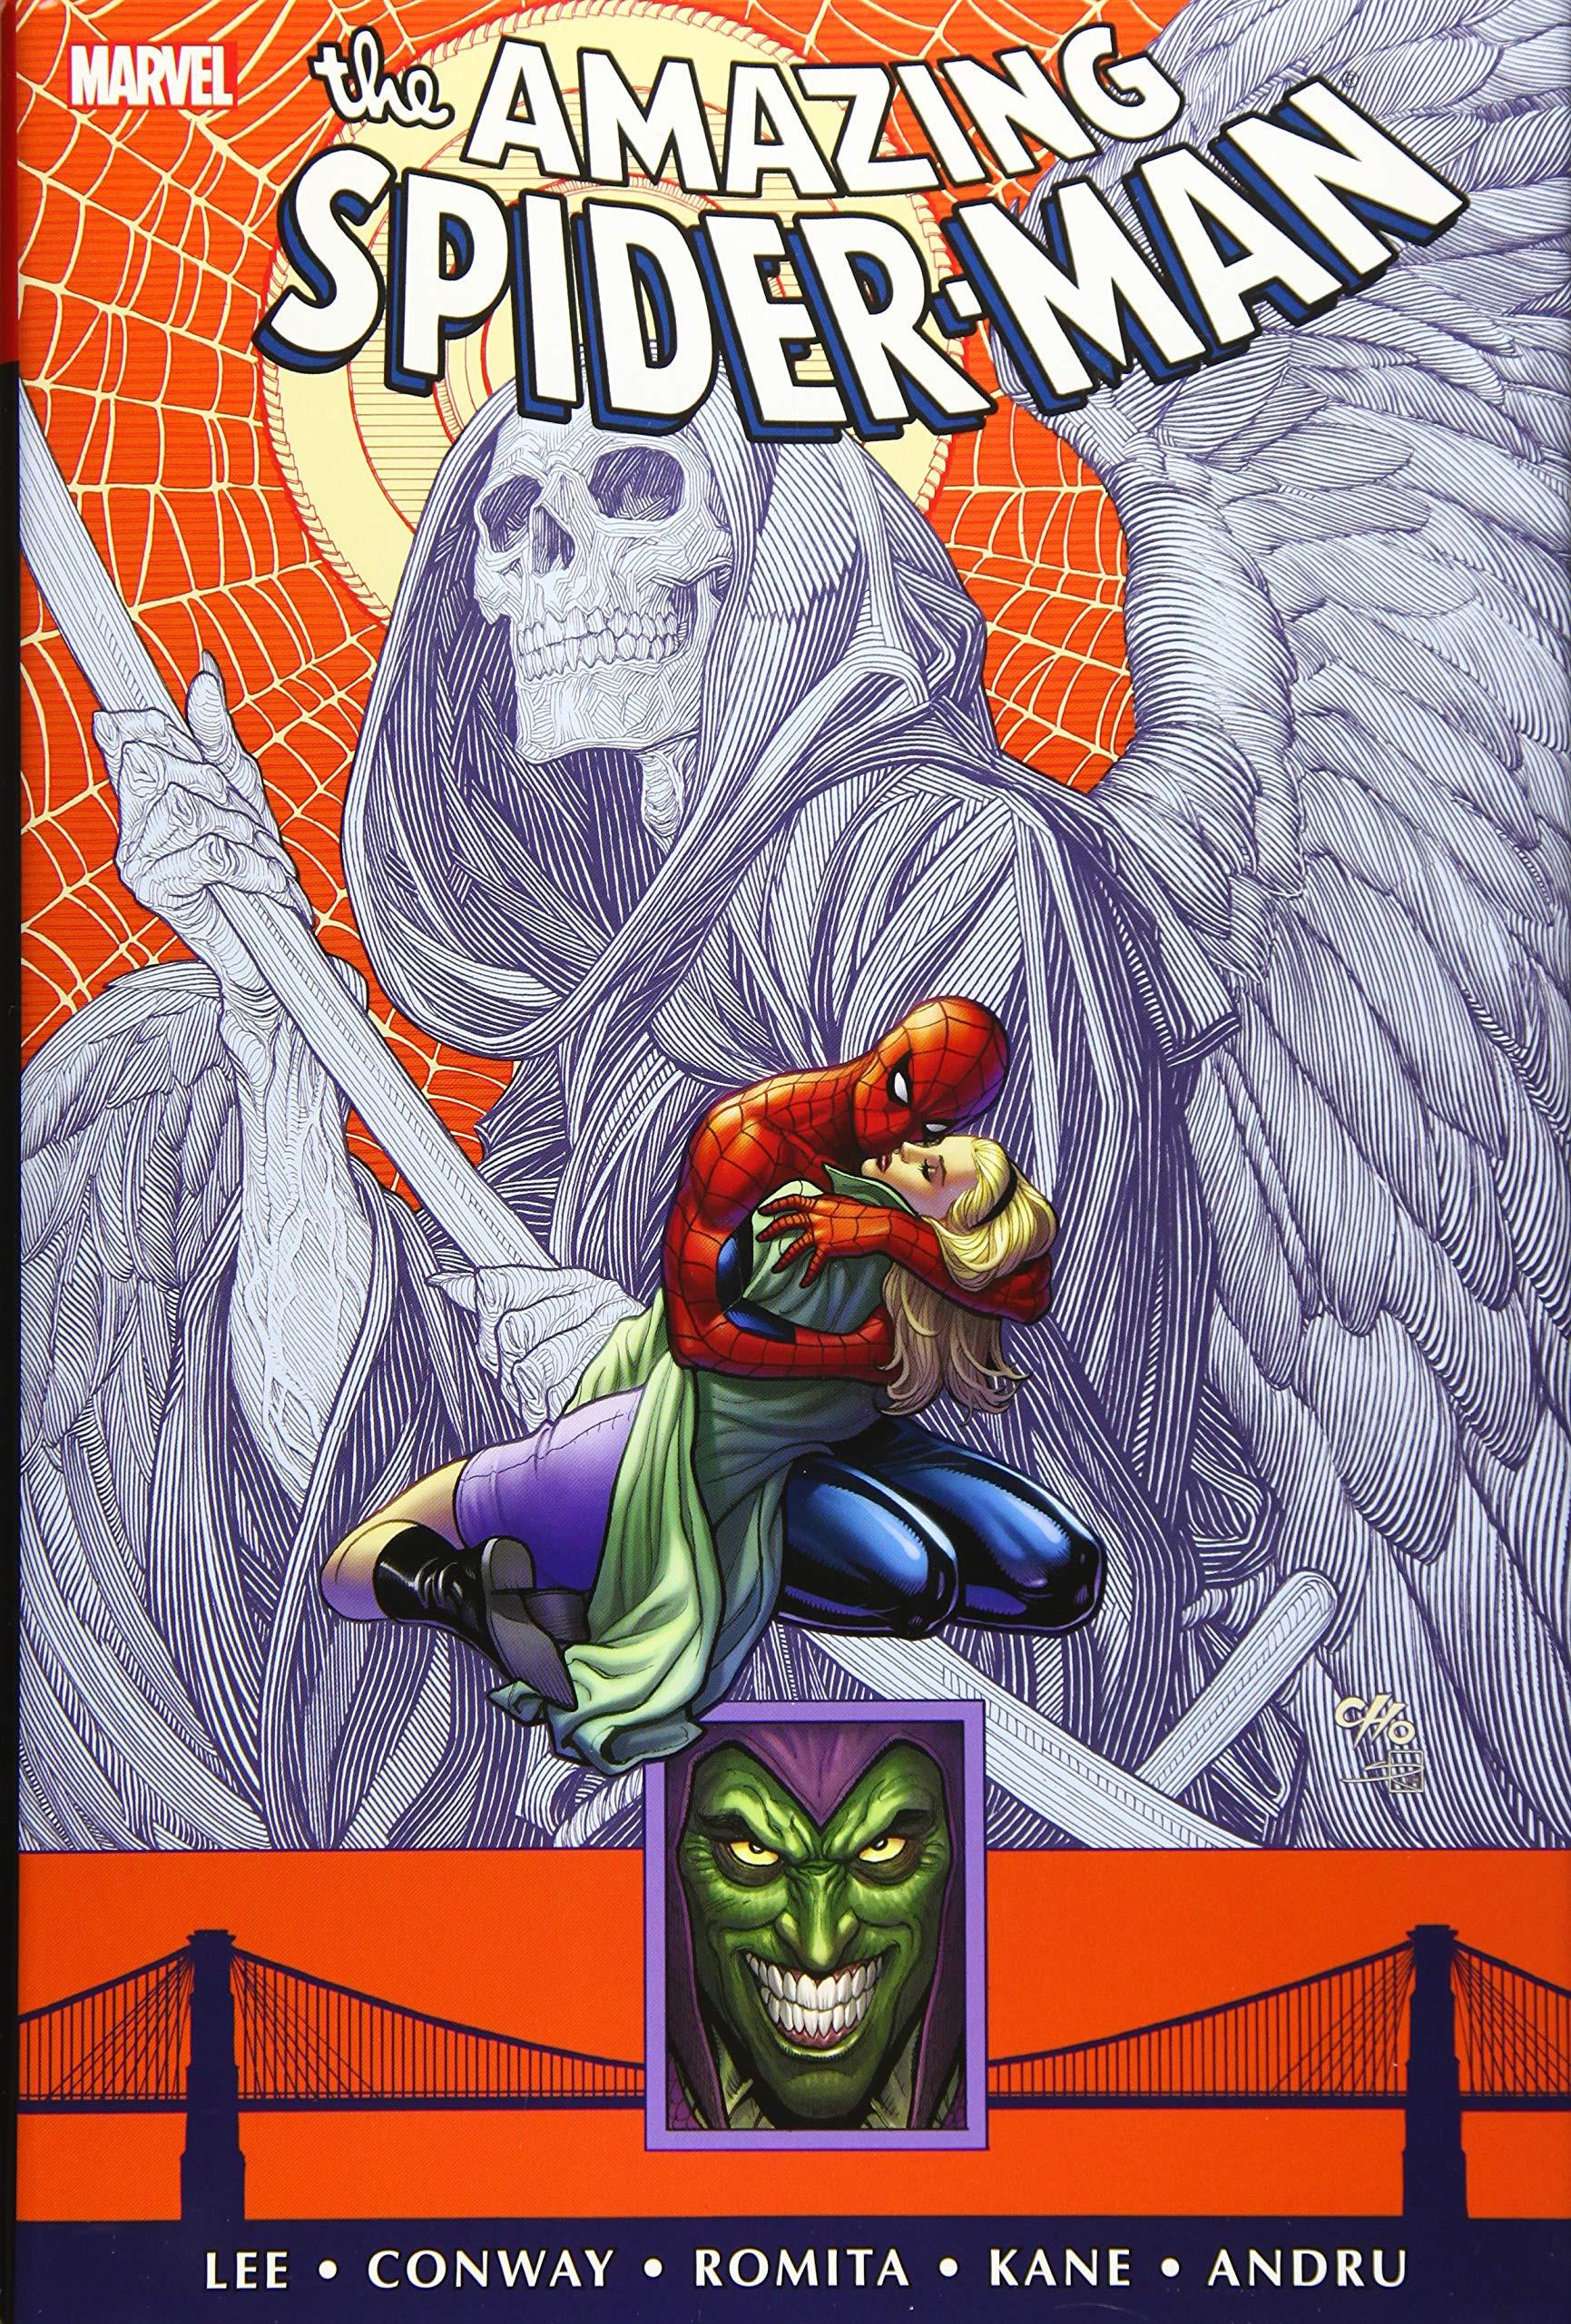 Amazing Spider-Man Omnibus Vol 1 4